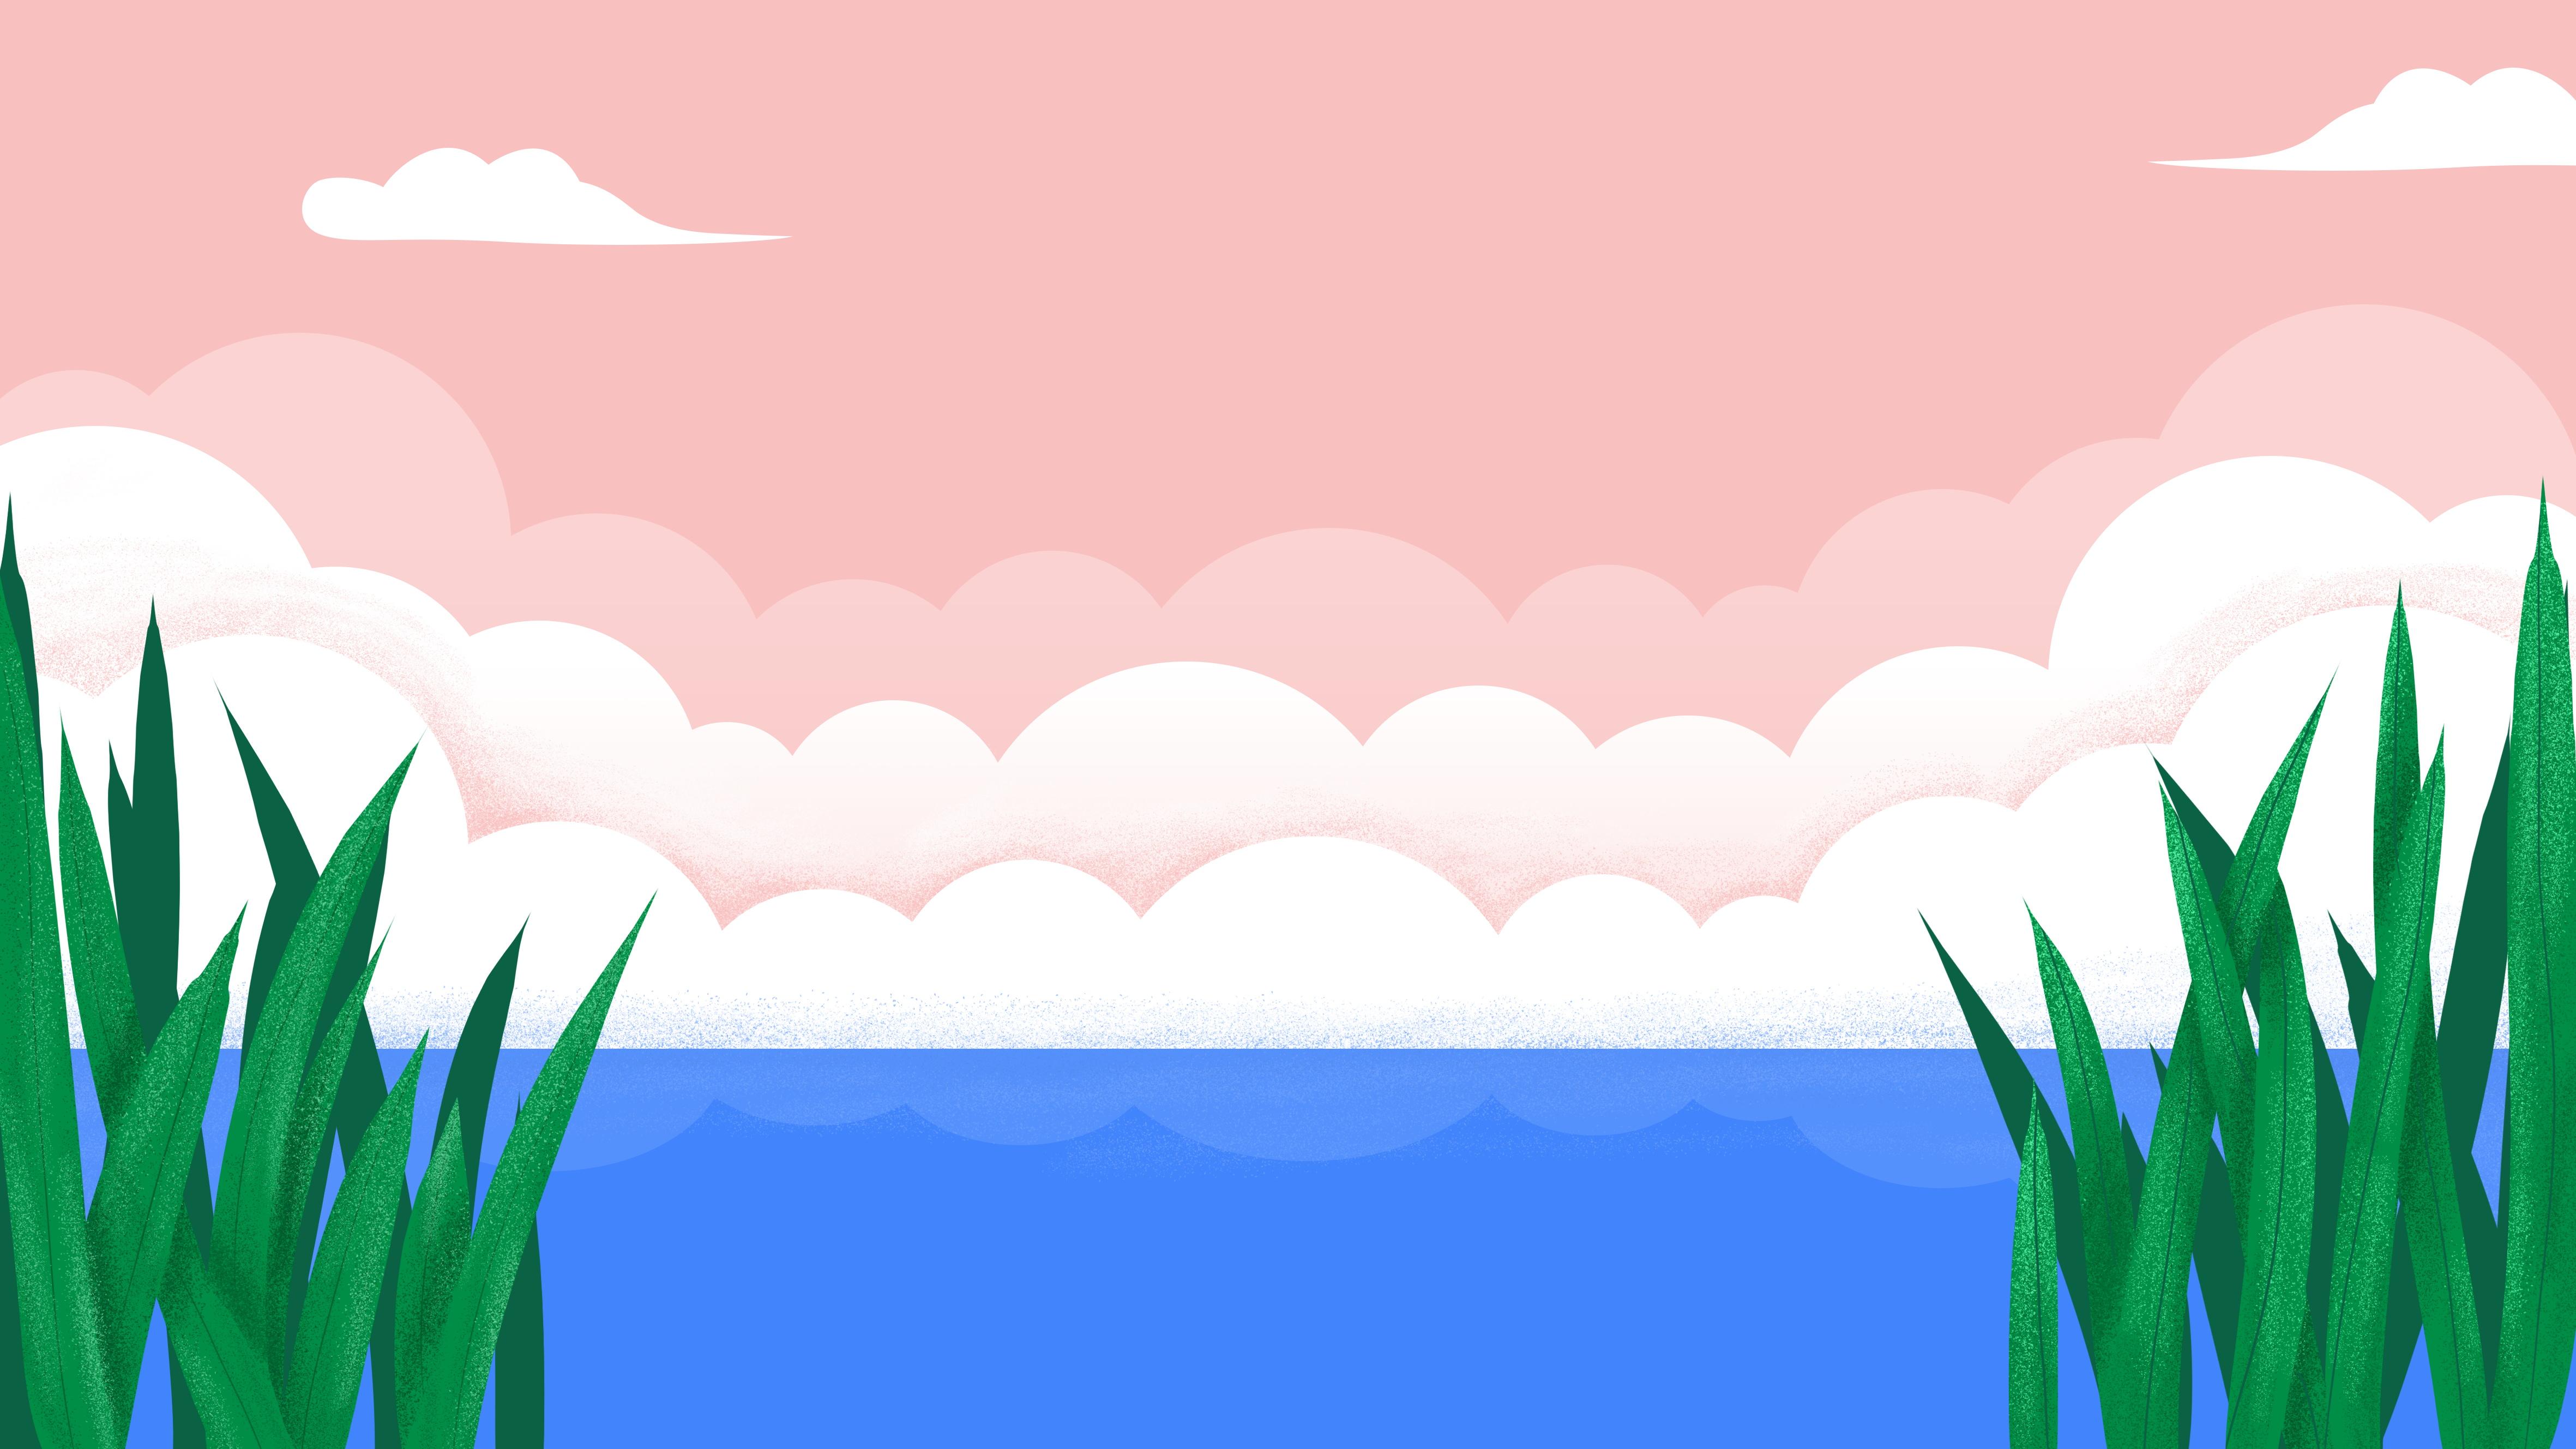 Gambar Kartun Rumput Hitam Putih Wwwtollebildcom